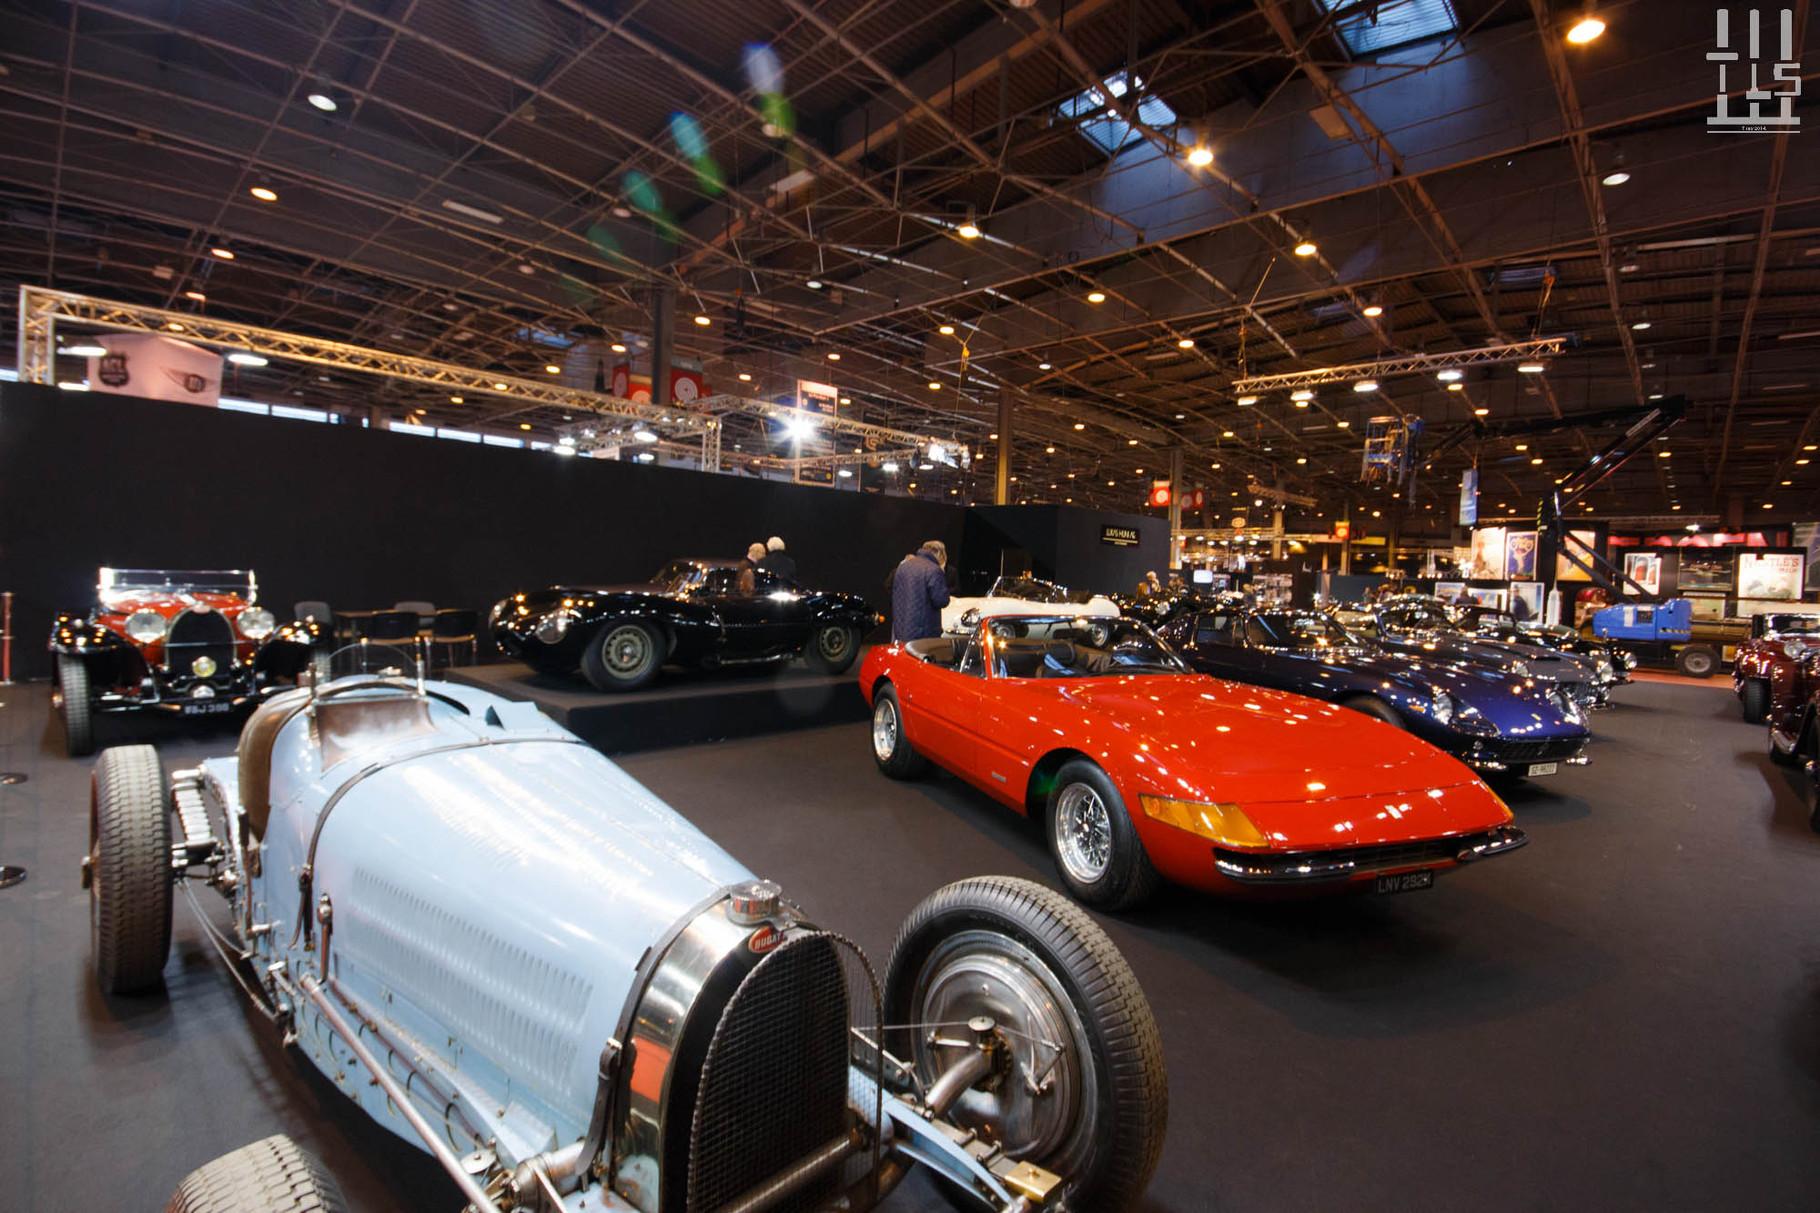 Lukas Hüni est un des stands phare du salon. Ici, tout est authentique. Ici, tout est magnifique. Ici, on sait être sympathique. Et forcément, le display est très intéressant : voici une Ferrari 365 GTS/4 Daytona accompagnée d'une Bugatti Type 59.